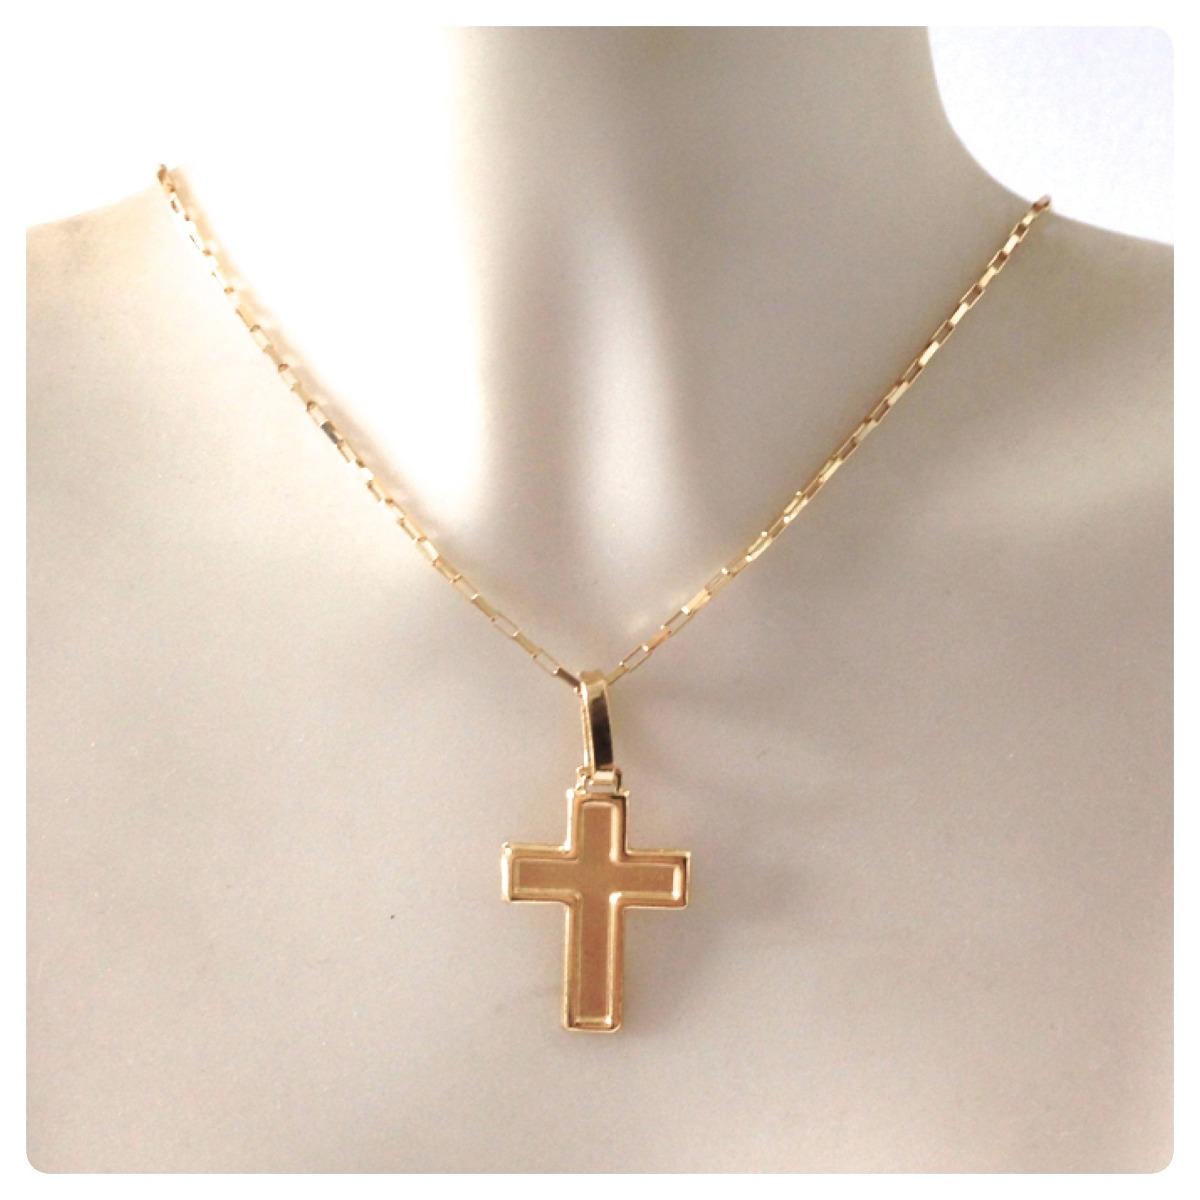 pingente cruz masculino em ouro amarelo 18k 750 maciço. Carregando zoom. d9573a13bf